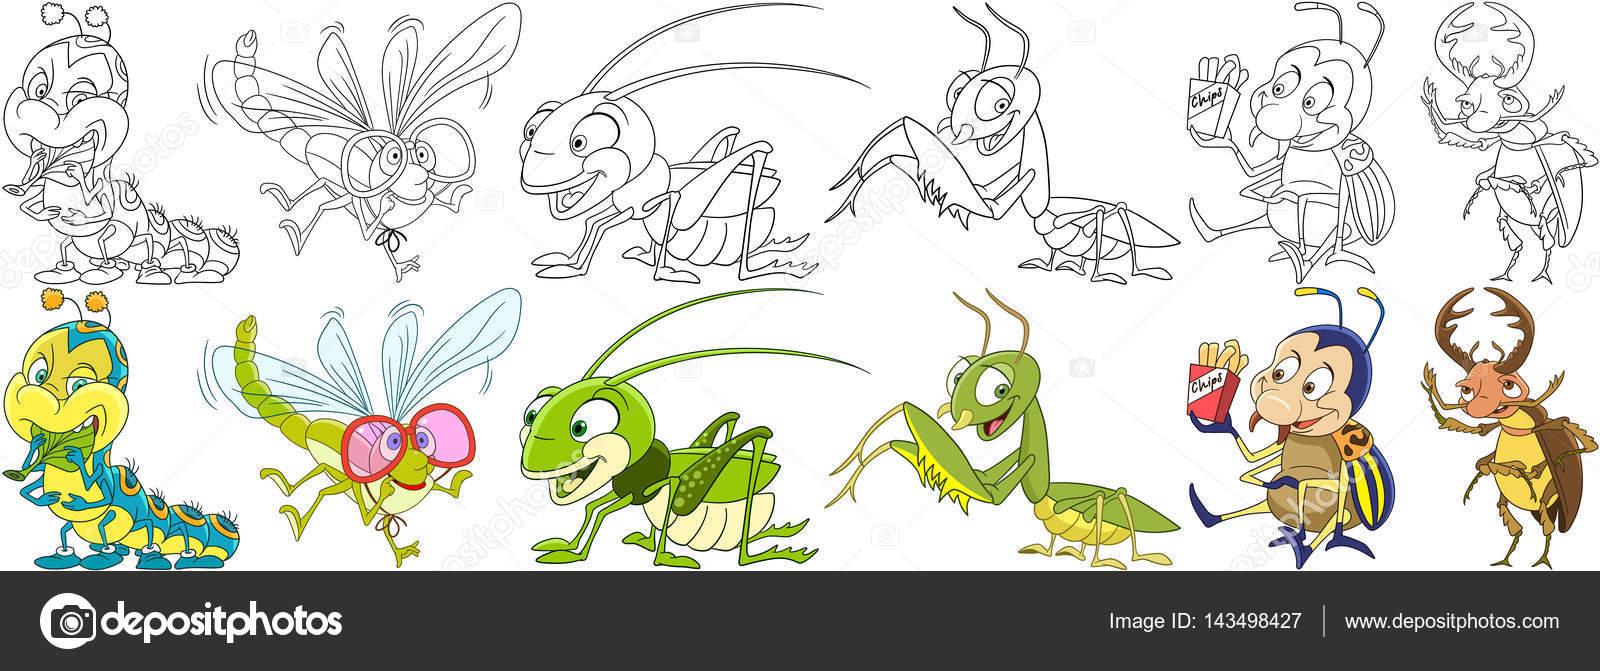 conjunto de dibujos animados los insectos — Vector de stock ...